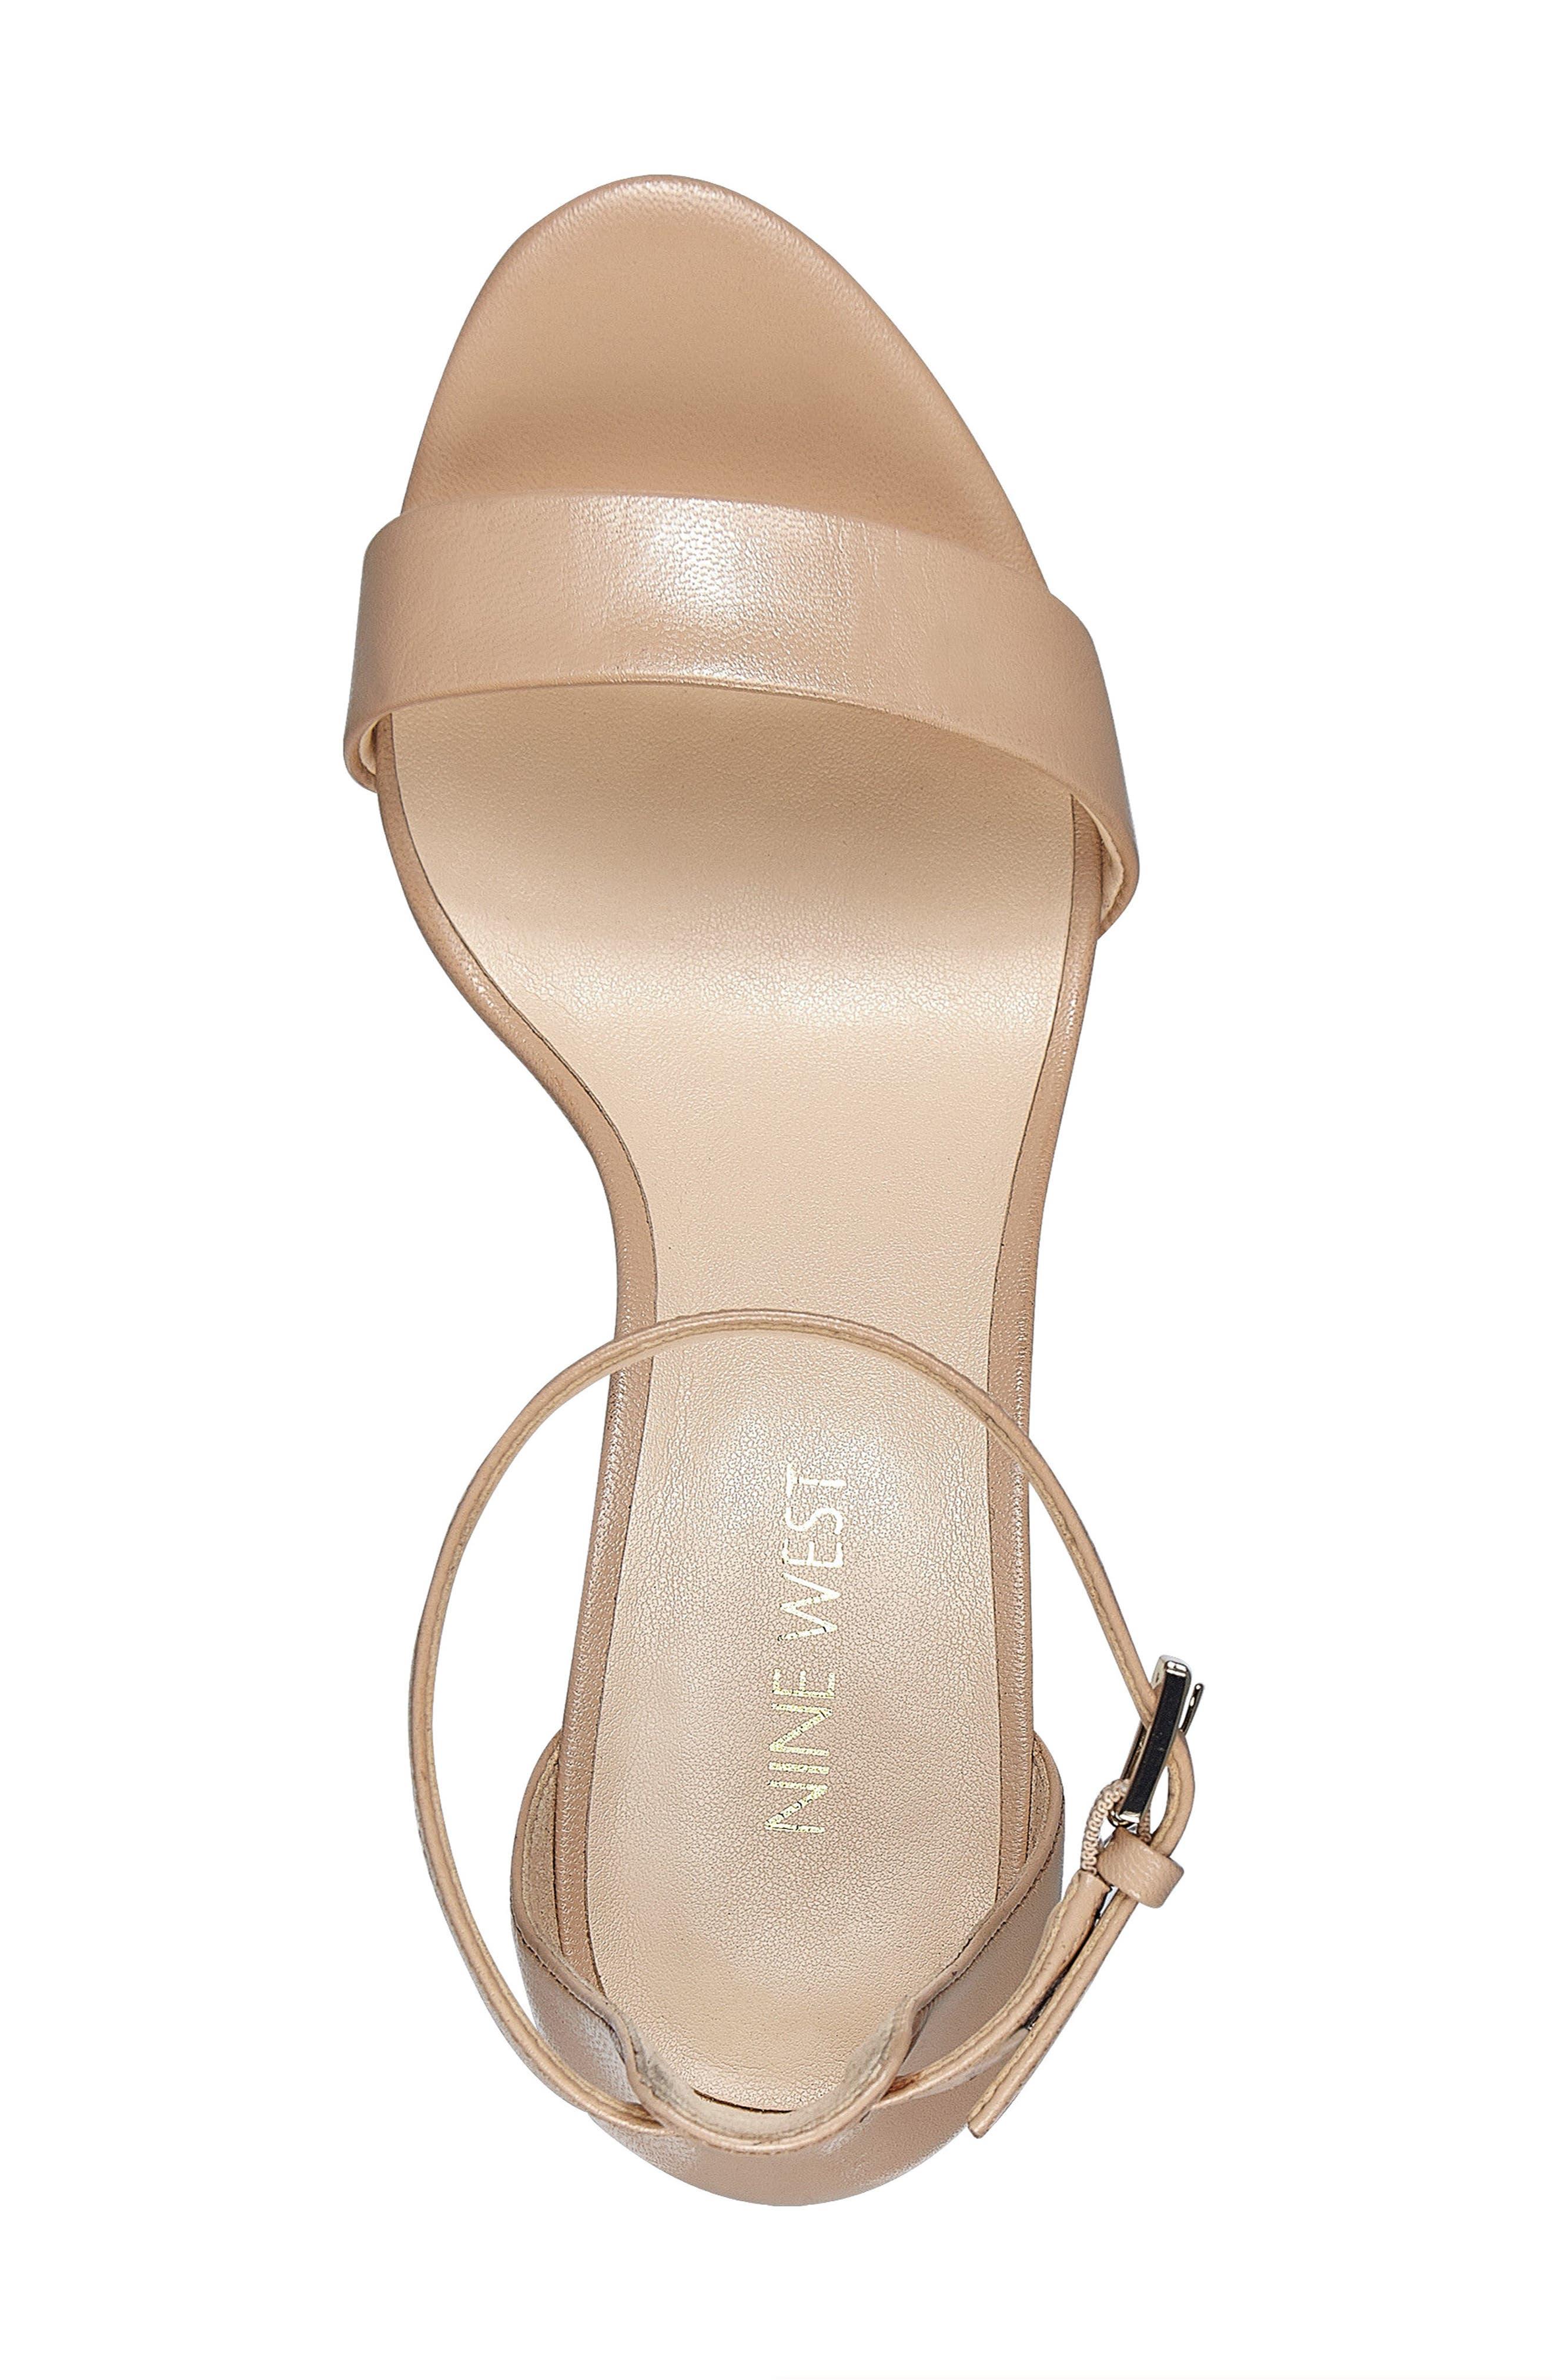 NINE WEST, Pruce Ankle Strap Sandal, Alternate thumbnail 5, color, LIGHT NATURAL LEATHER